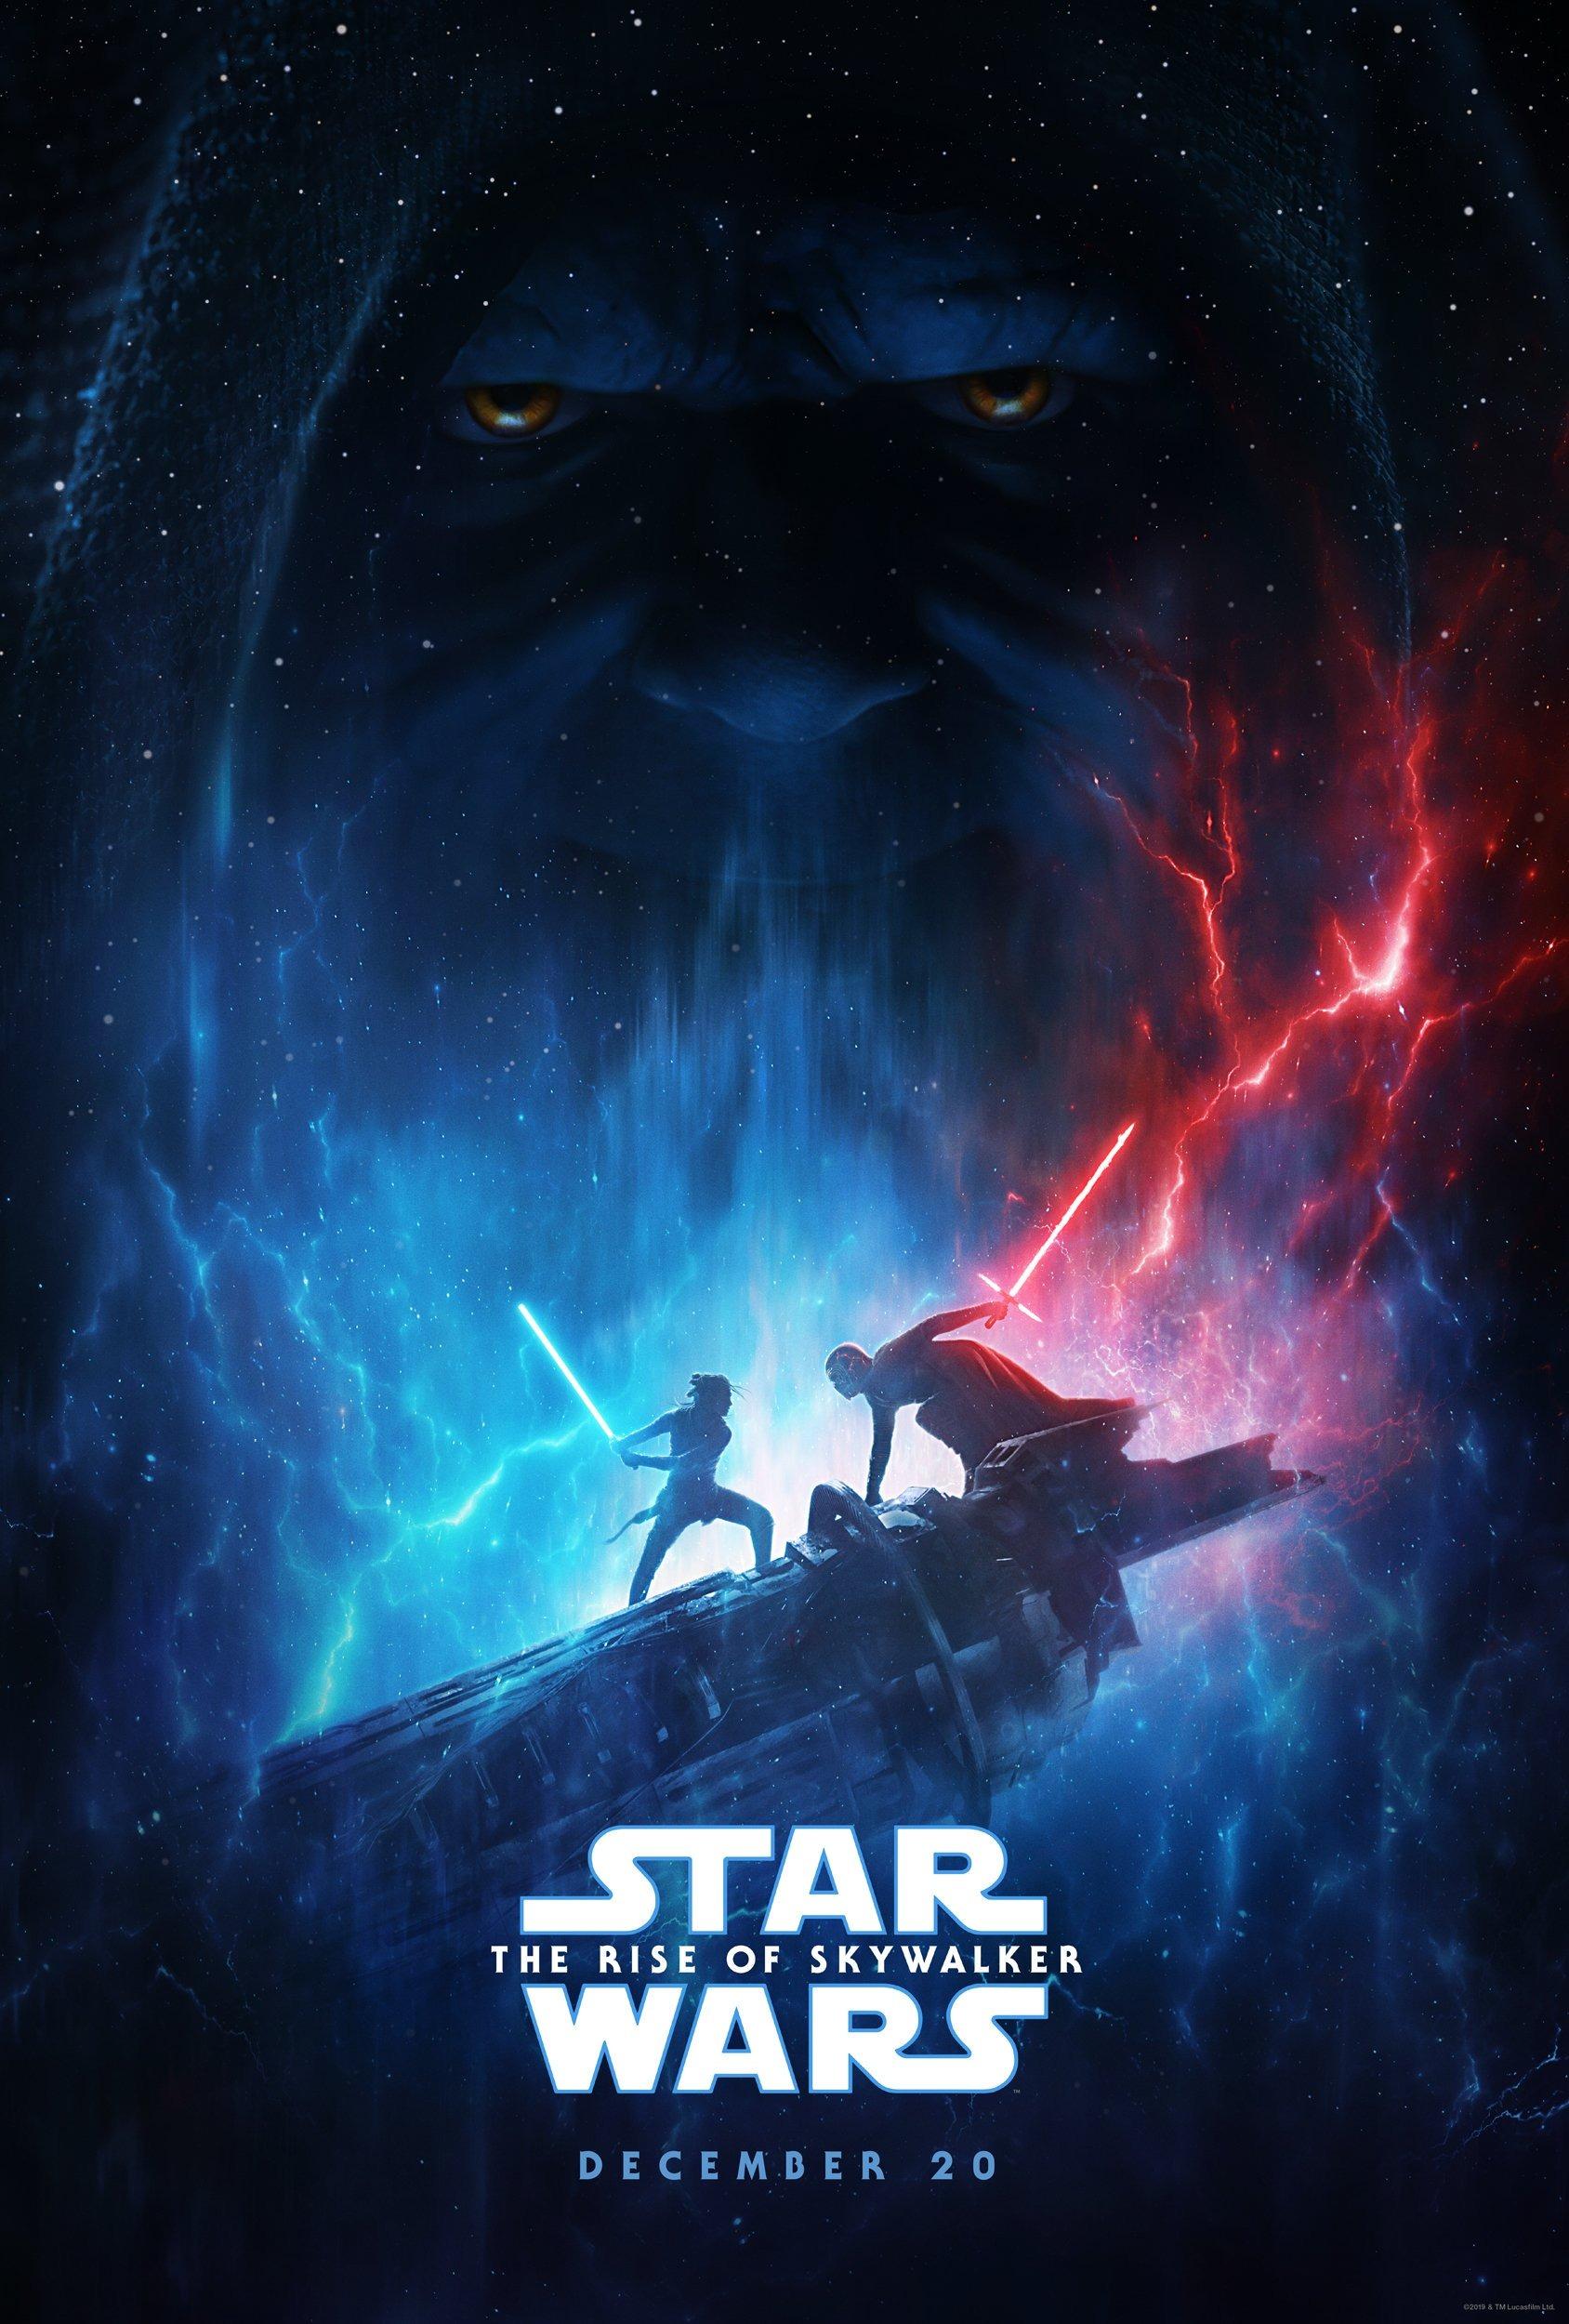 szmk_csillagok_haboruja_star_wars_the_rise_of_skywalker_kora_kylo_ren_rey_palpatine_bb8_r2d2_c3po_poe_finn_lei_elso_rend_ellenallas_gakaxis_ero_luke_1.jpg